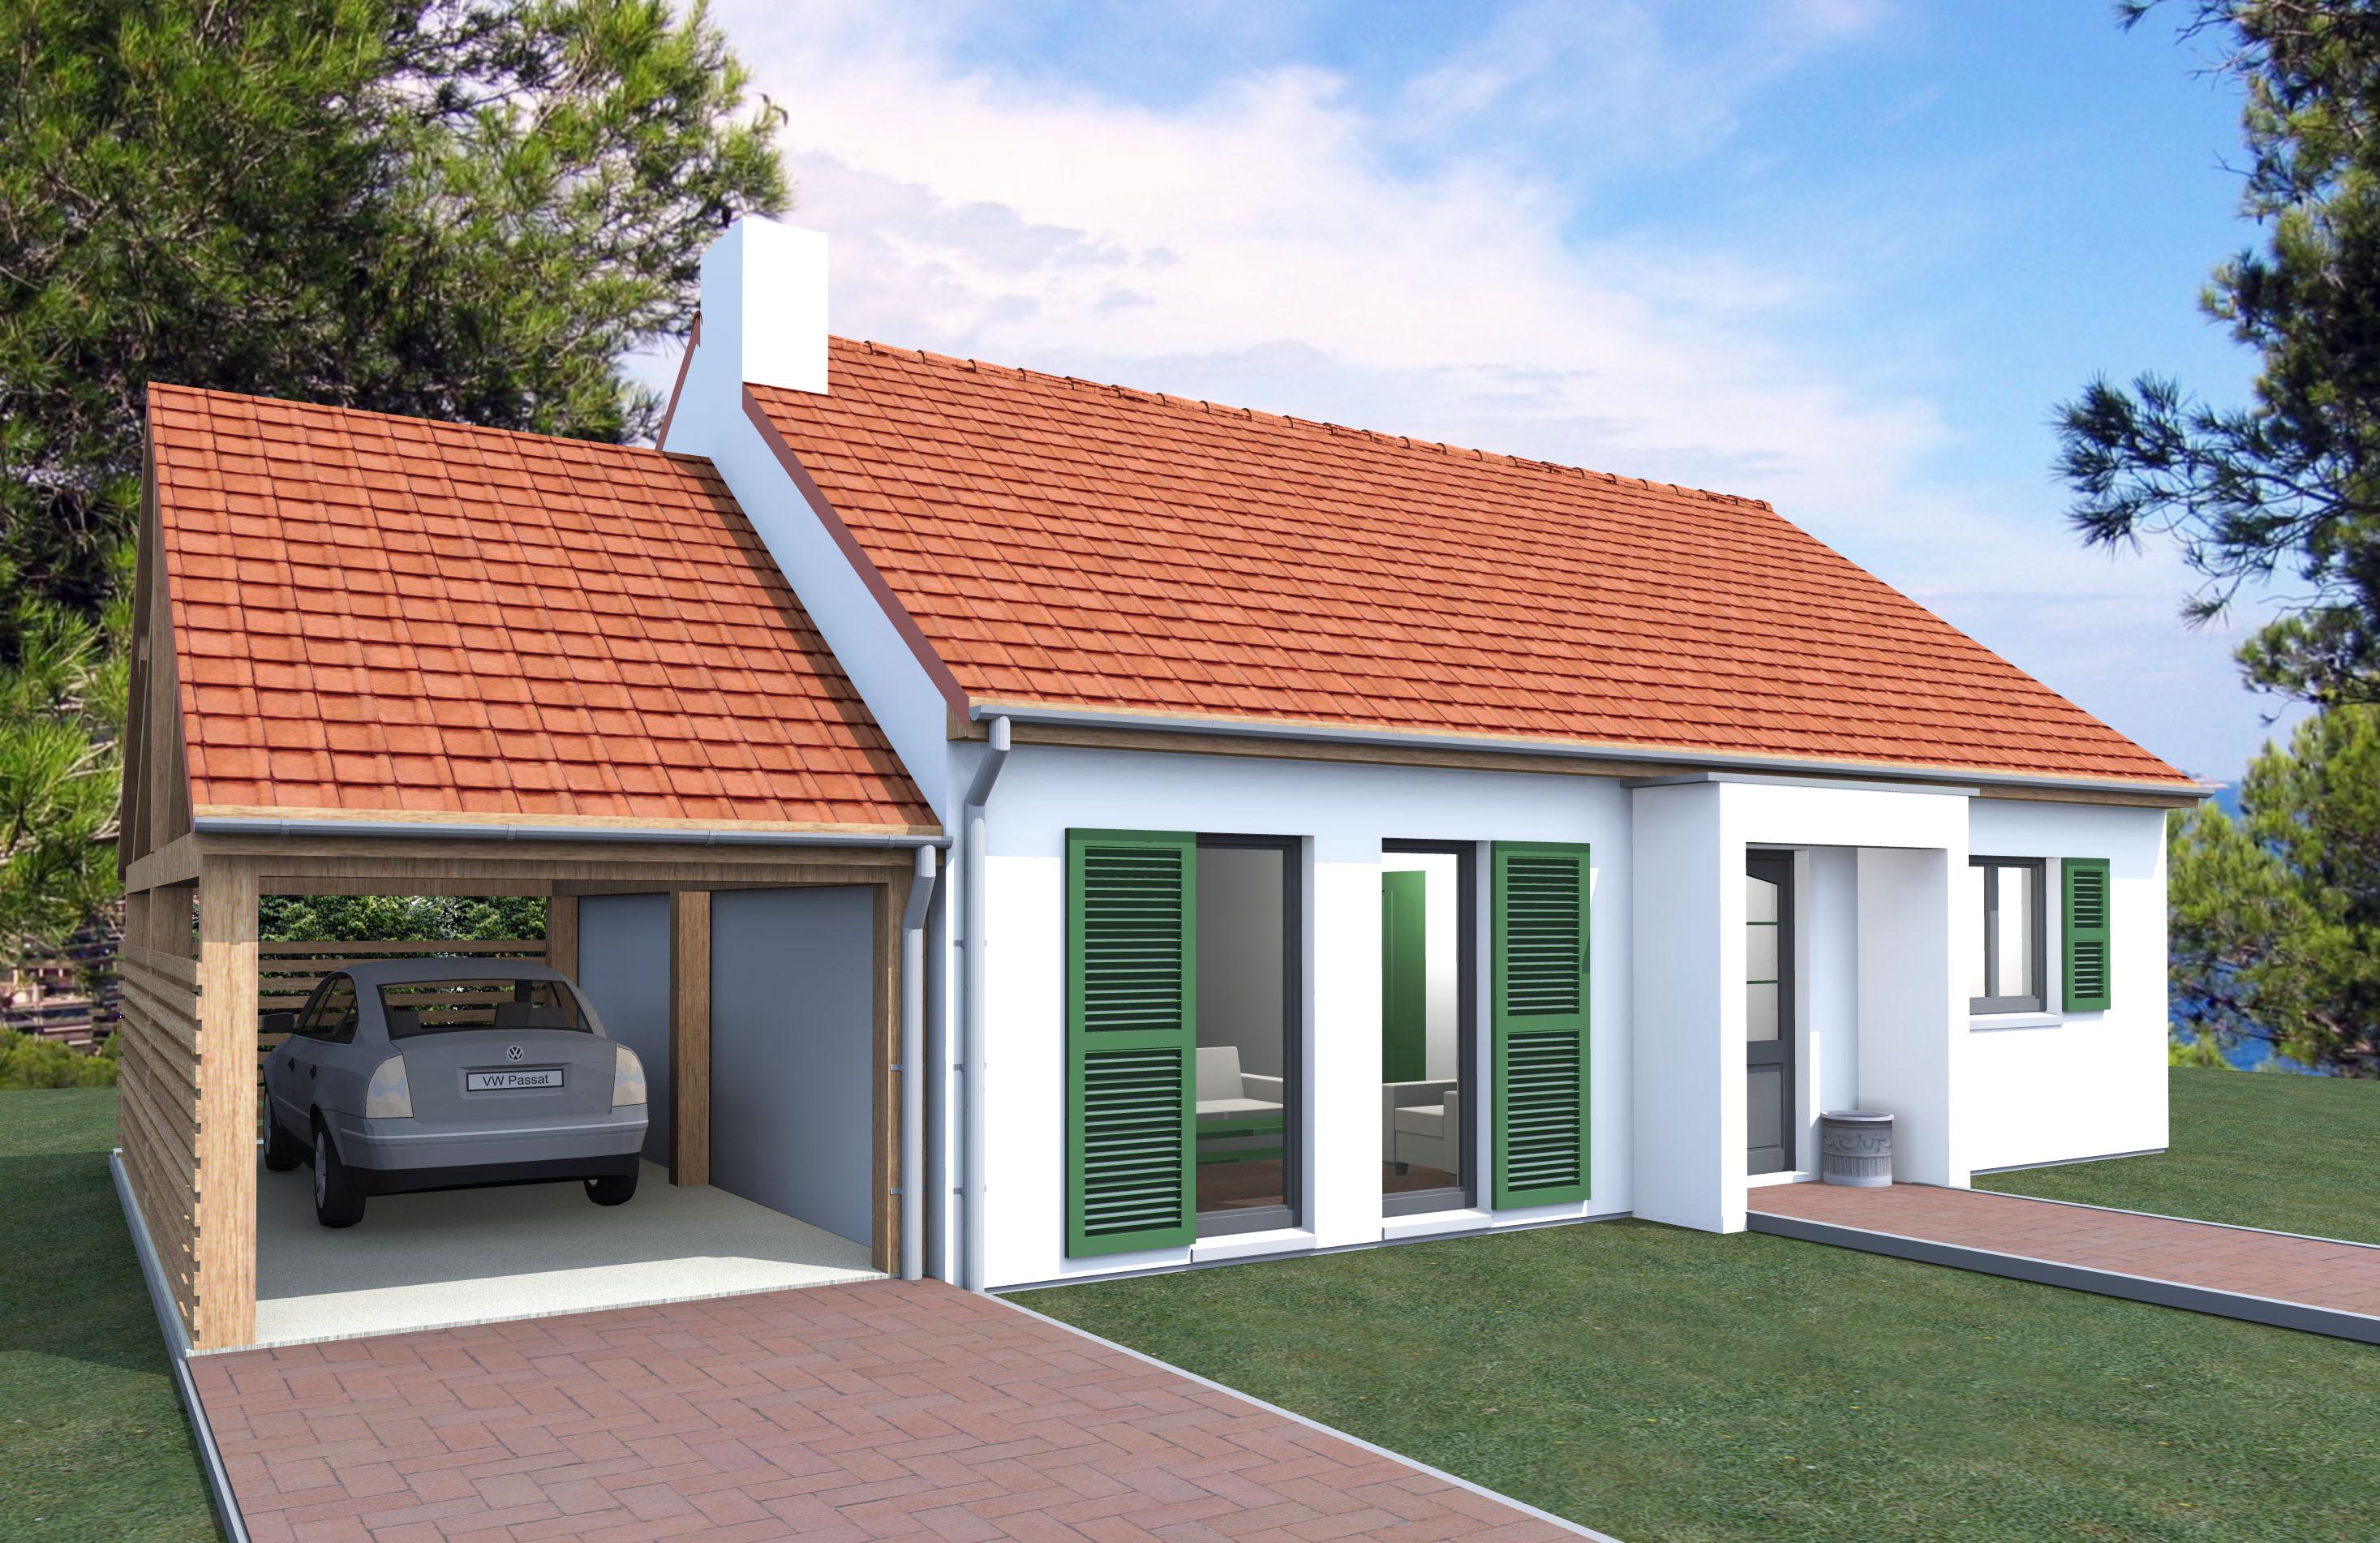 Construction petite maison for Construction petite maison